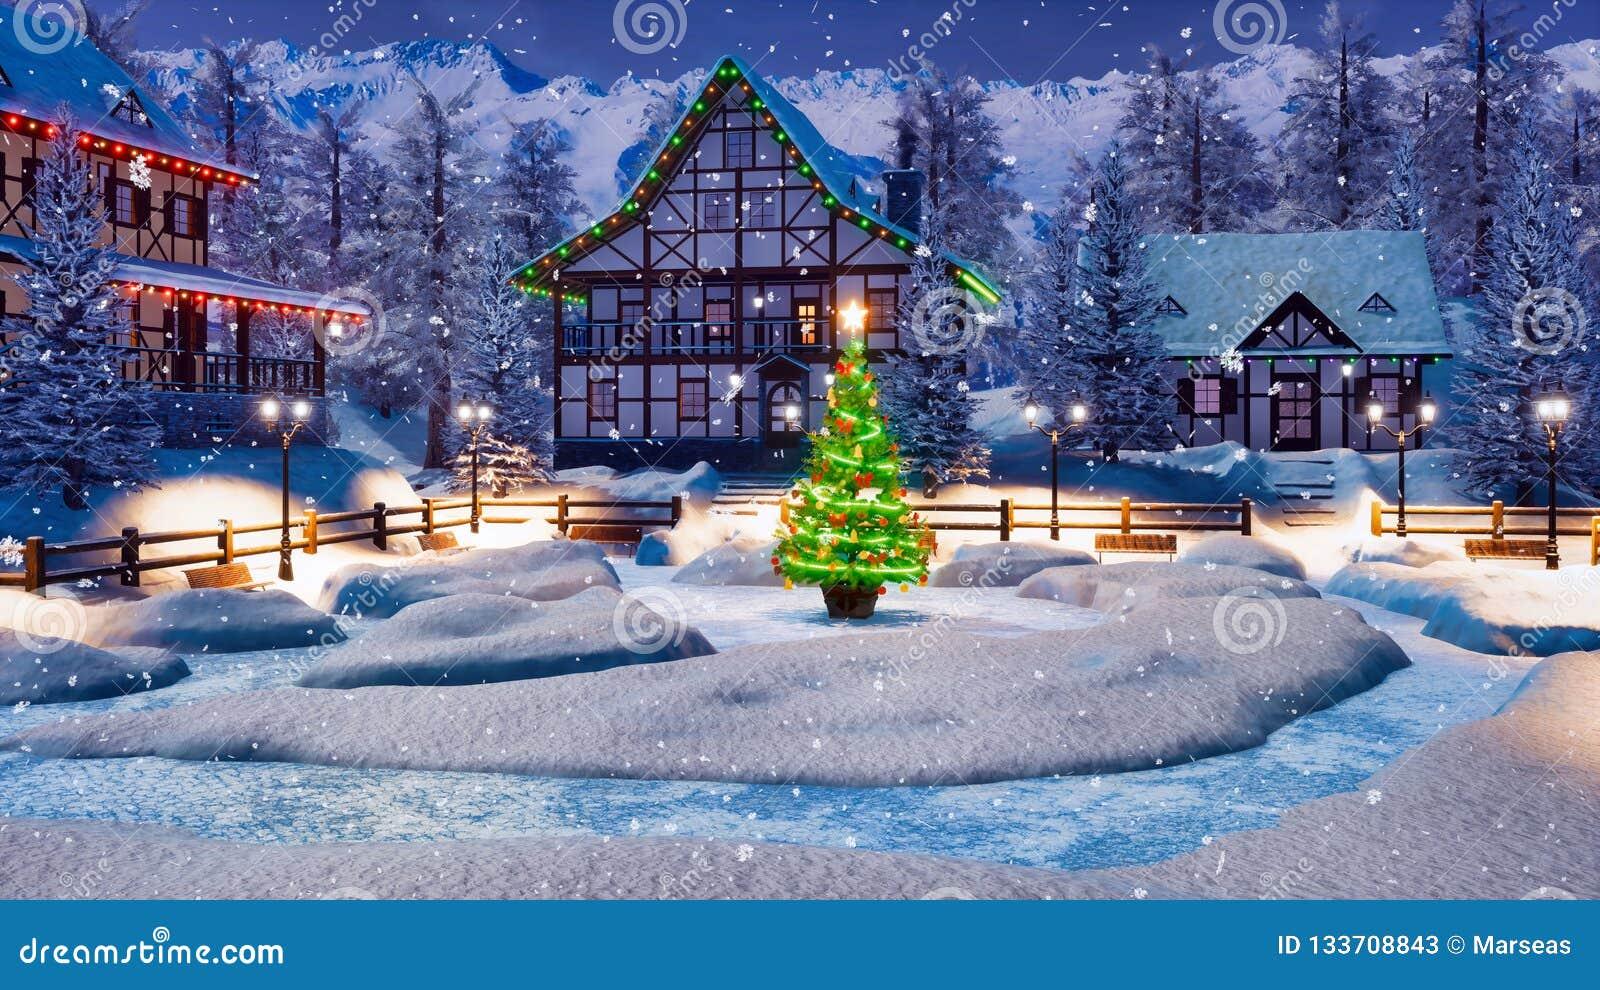 Case Di Montagna A Natale : Paesino di montagna alpino di snowy alla notte di natale